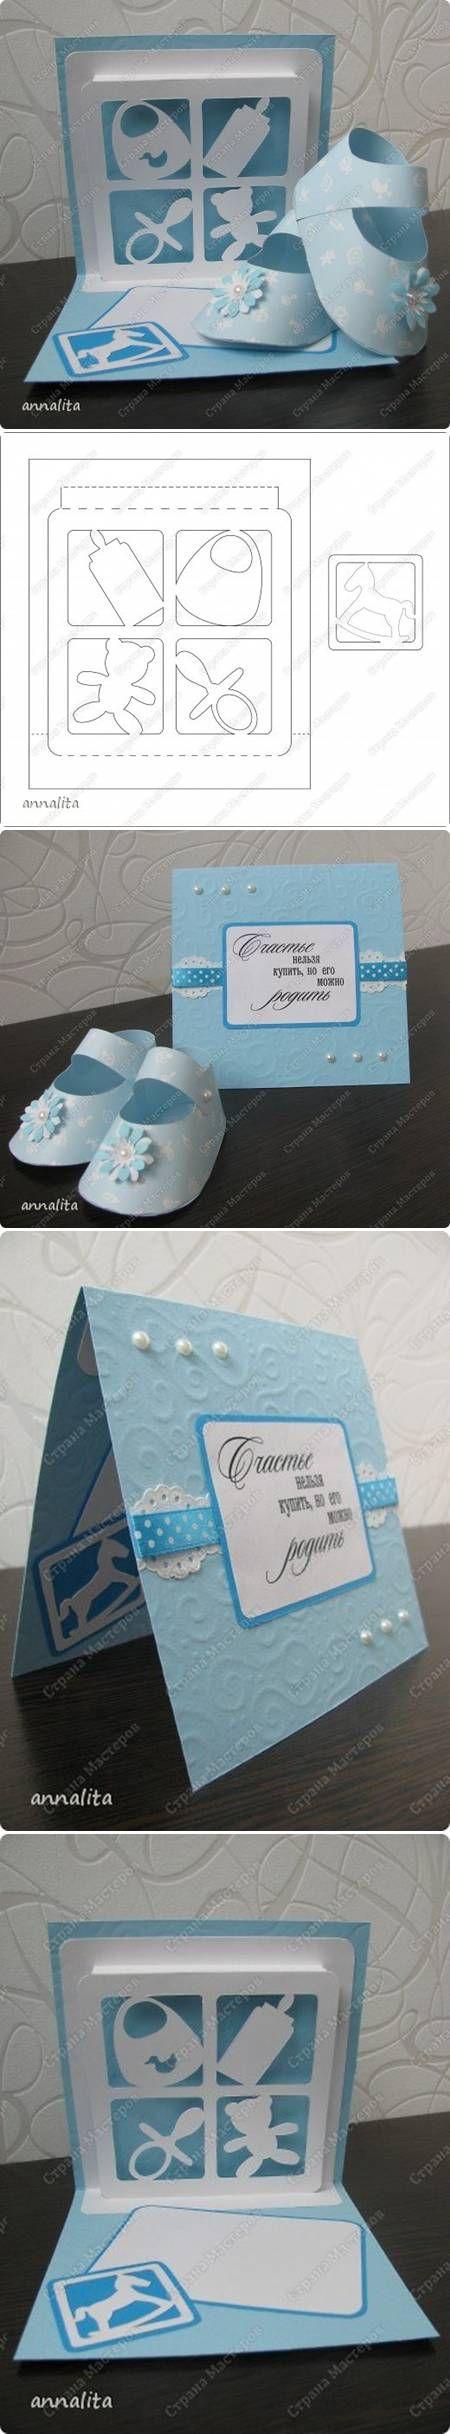 Plantilla DIY Tarjeta recién nacido